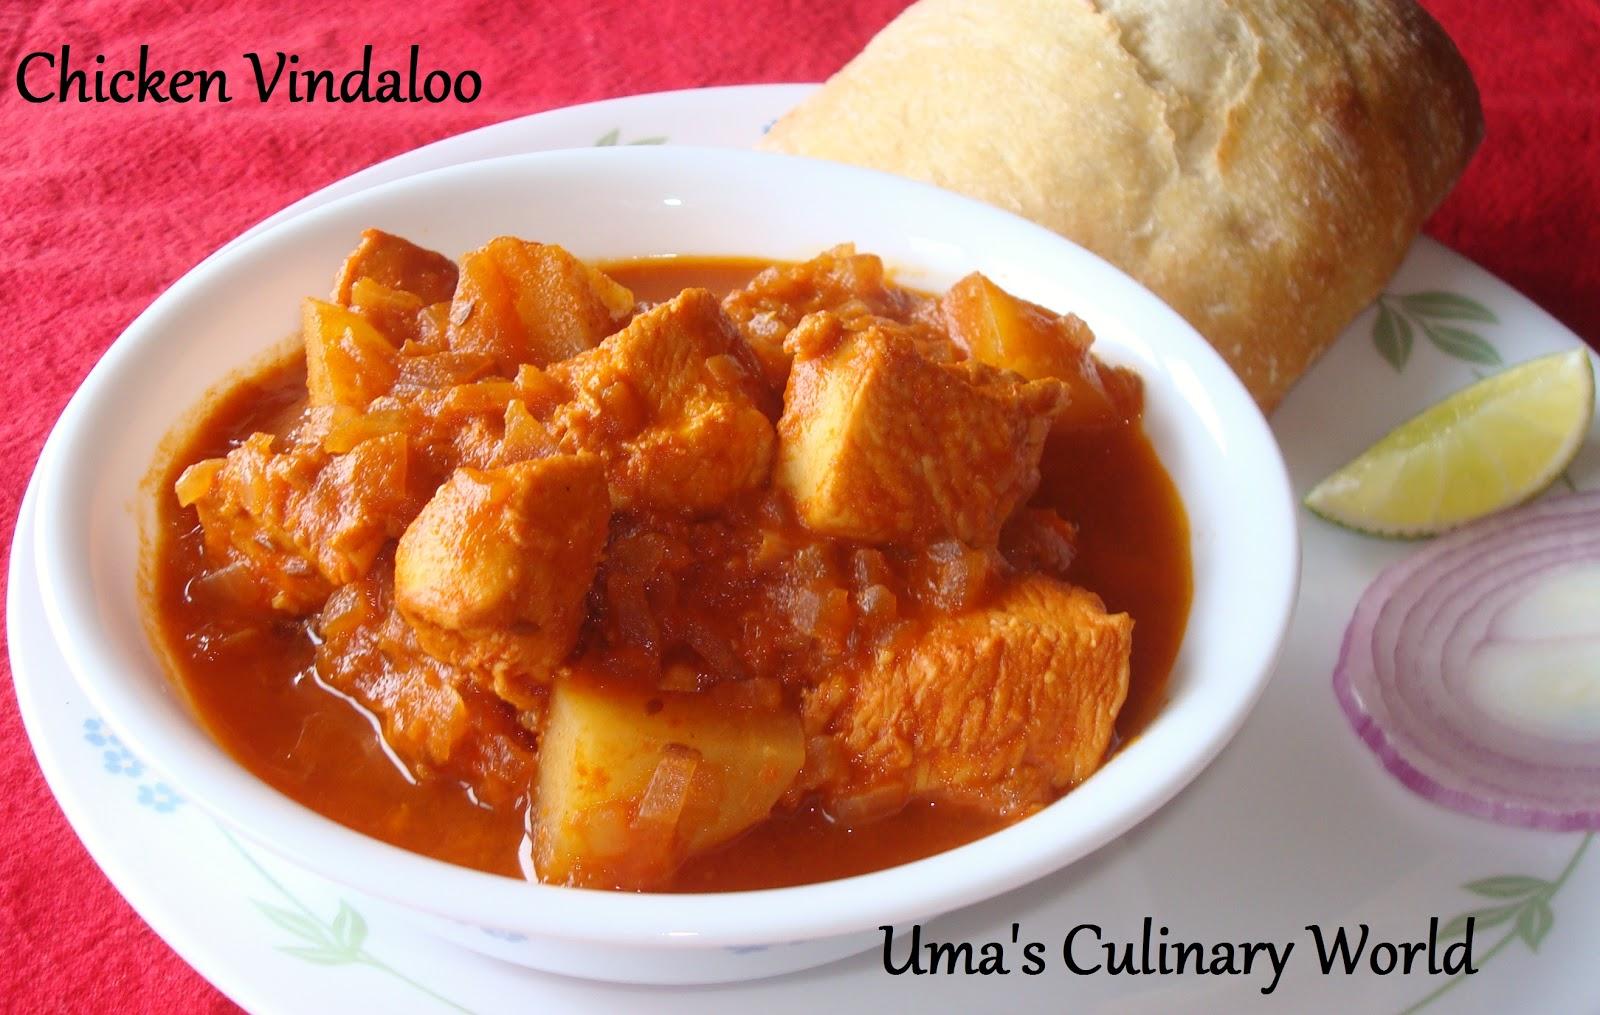 Umas culinary world chicken vindaloo forumfinder Gallery